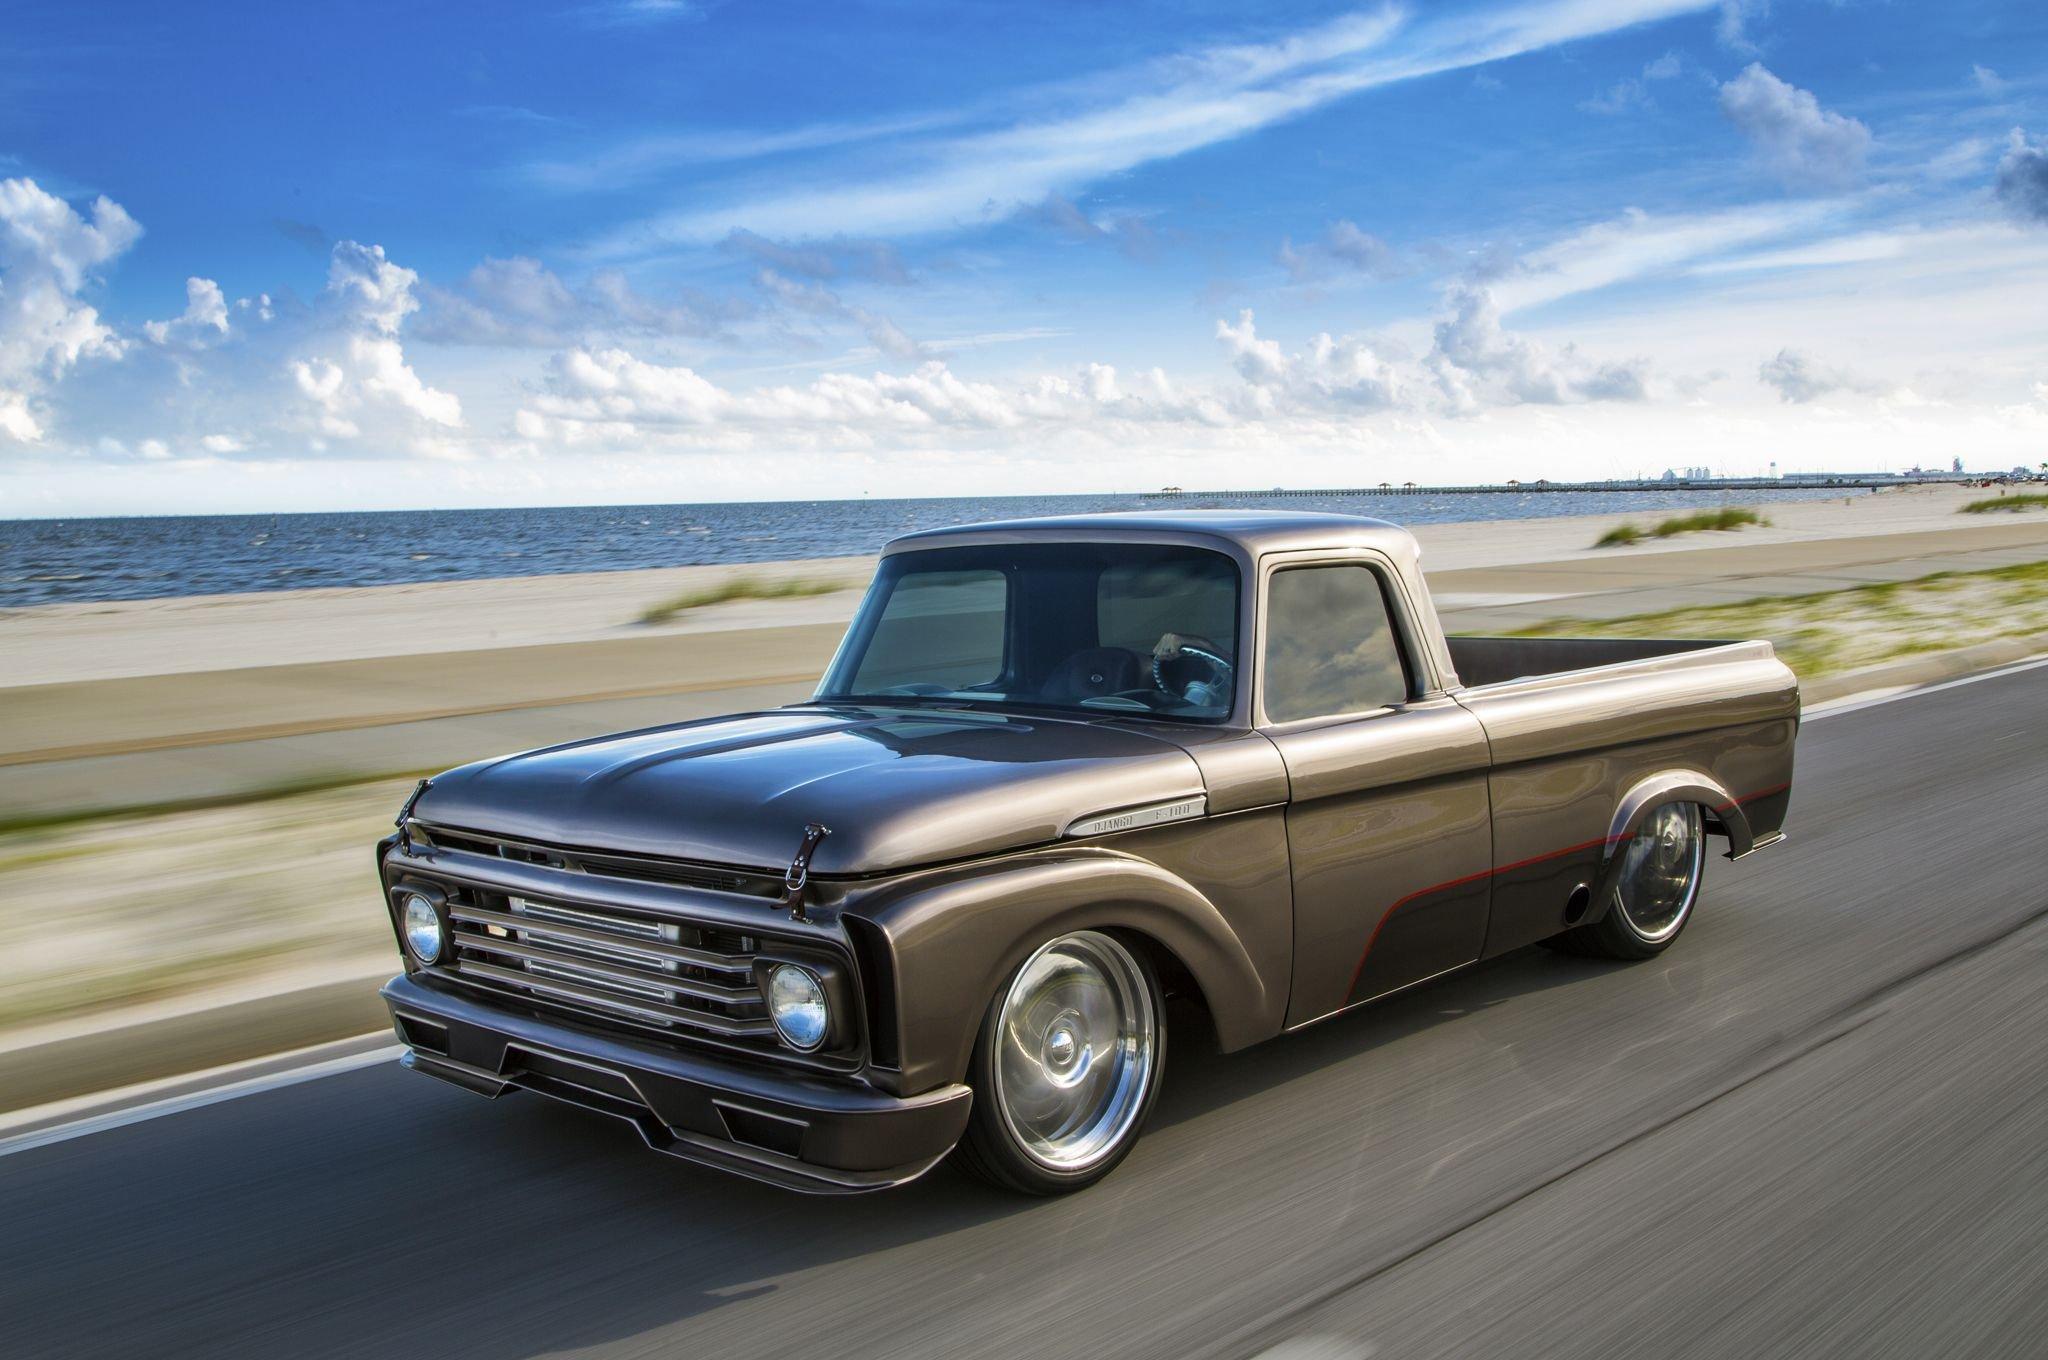 Ford Pickup Truck >> 1962 Ford F-100 pickup truck custom hot rod rods f100 classic wallpaper | 2048x1360 | 796736 ...